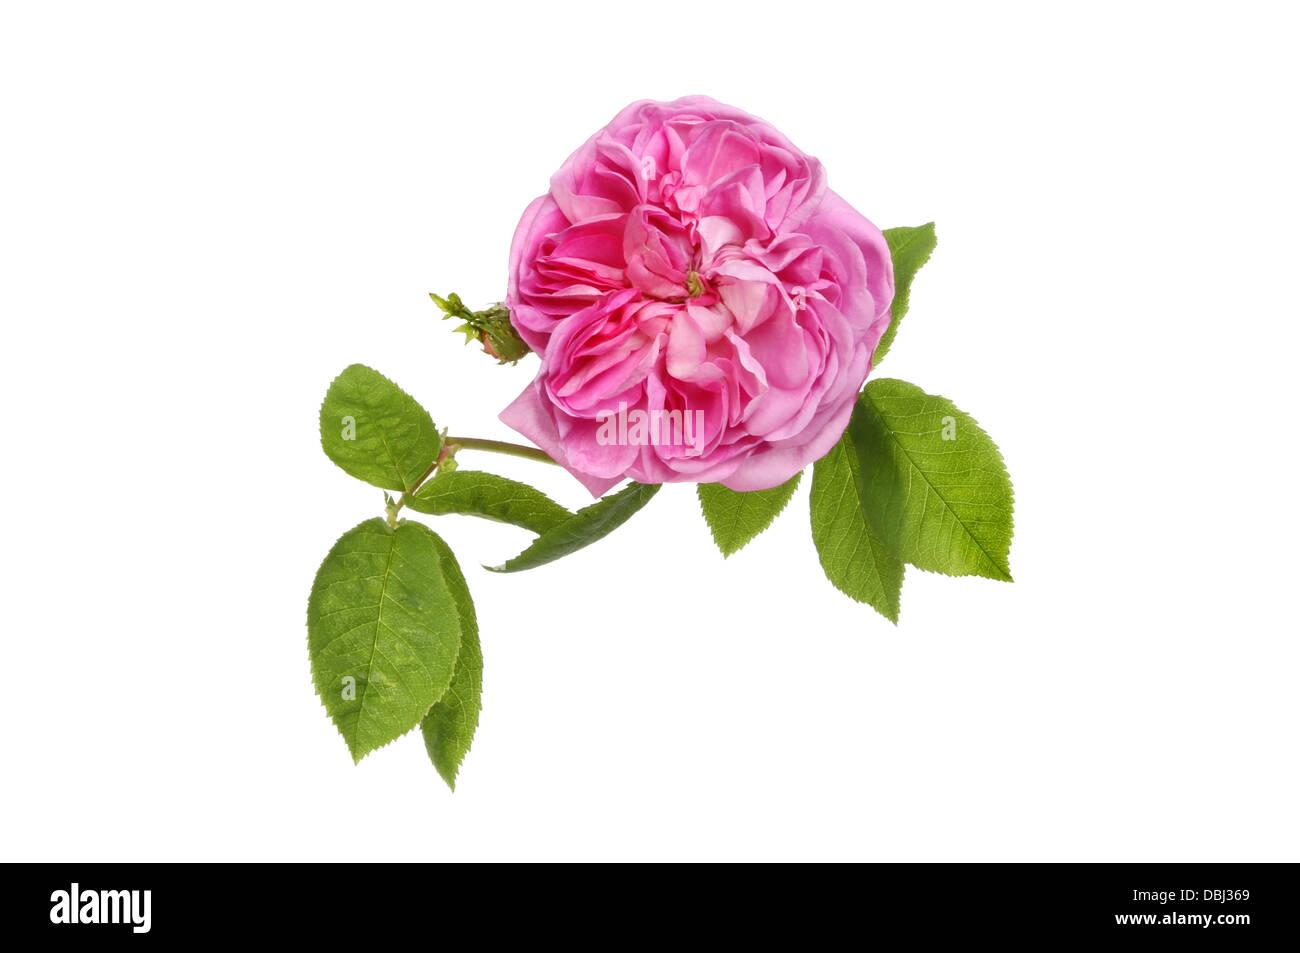 Magenta floribunda rose and leaves isolated against white - Stock Image